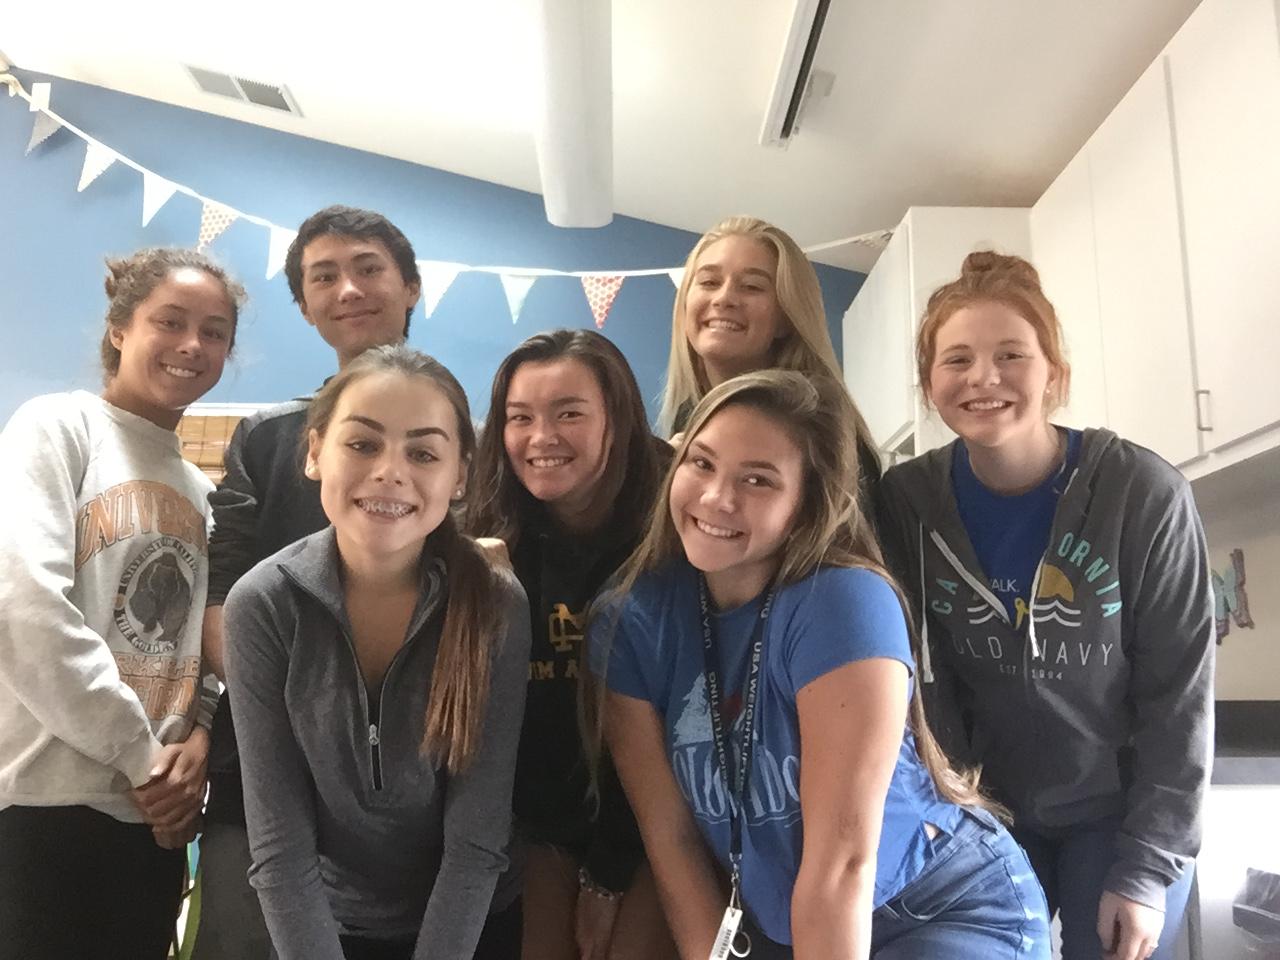 Maria Carrillo High School Key Club